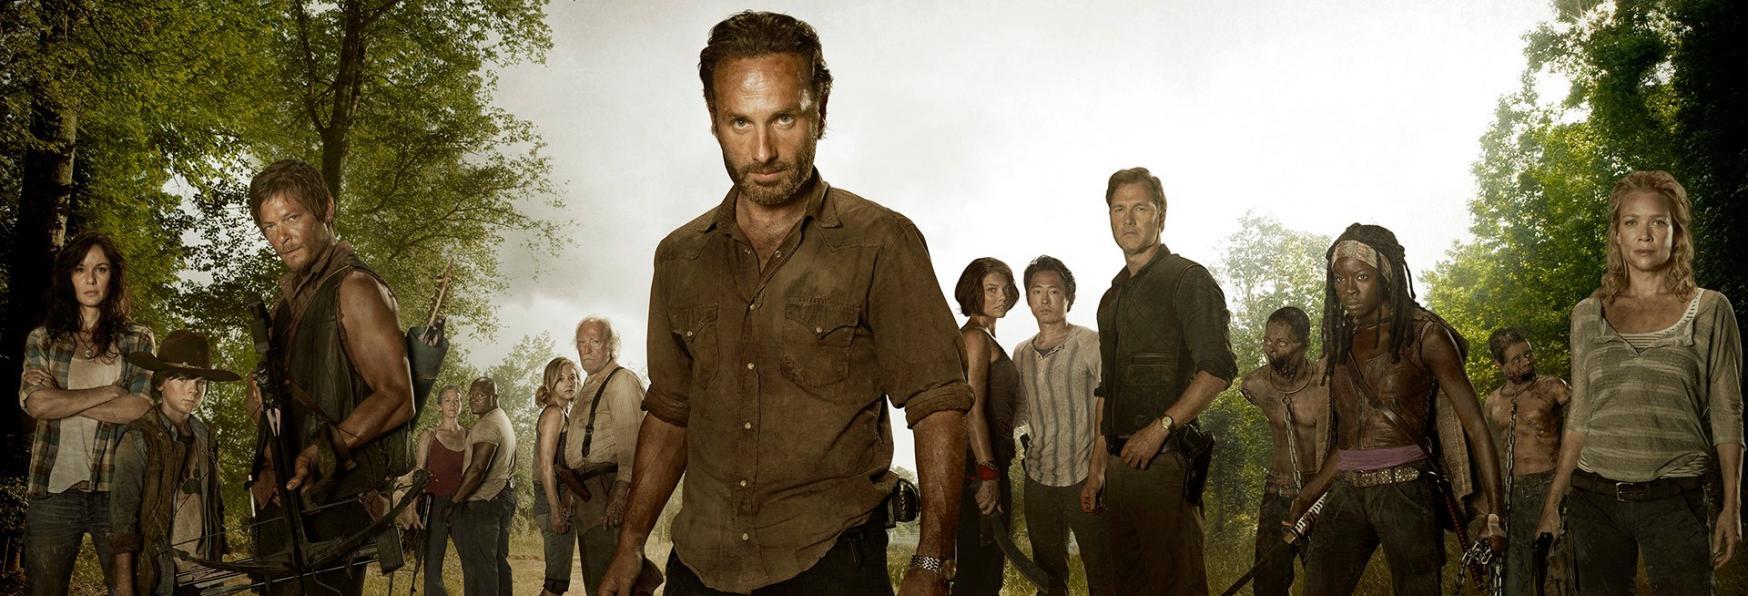 """The Walking Dead 11: AMC pubblica un Video sulla """"Epica"""" Stagione Conclusiva della Serie TV"""